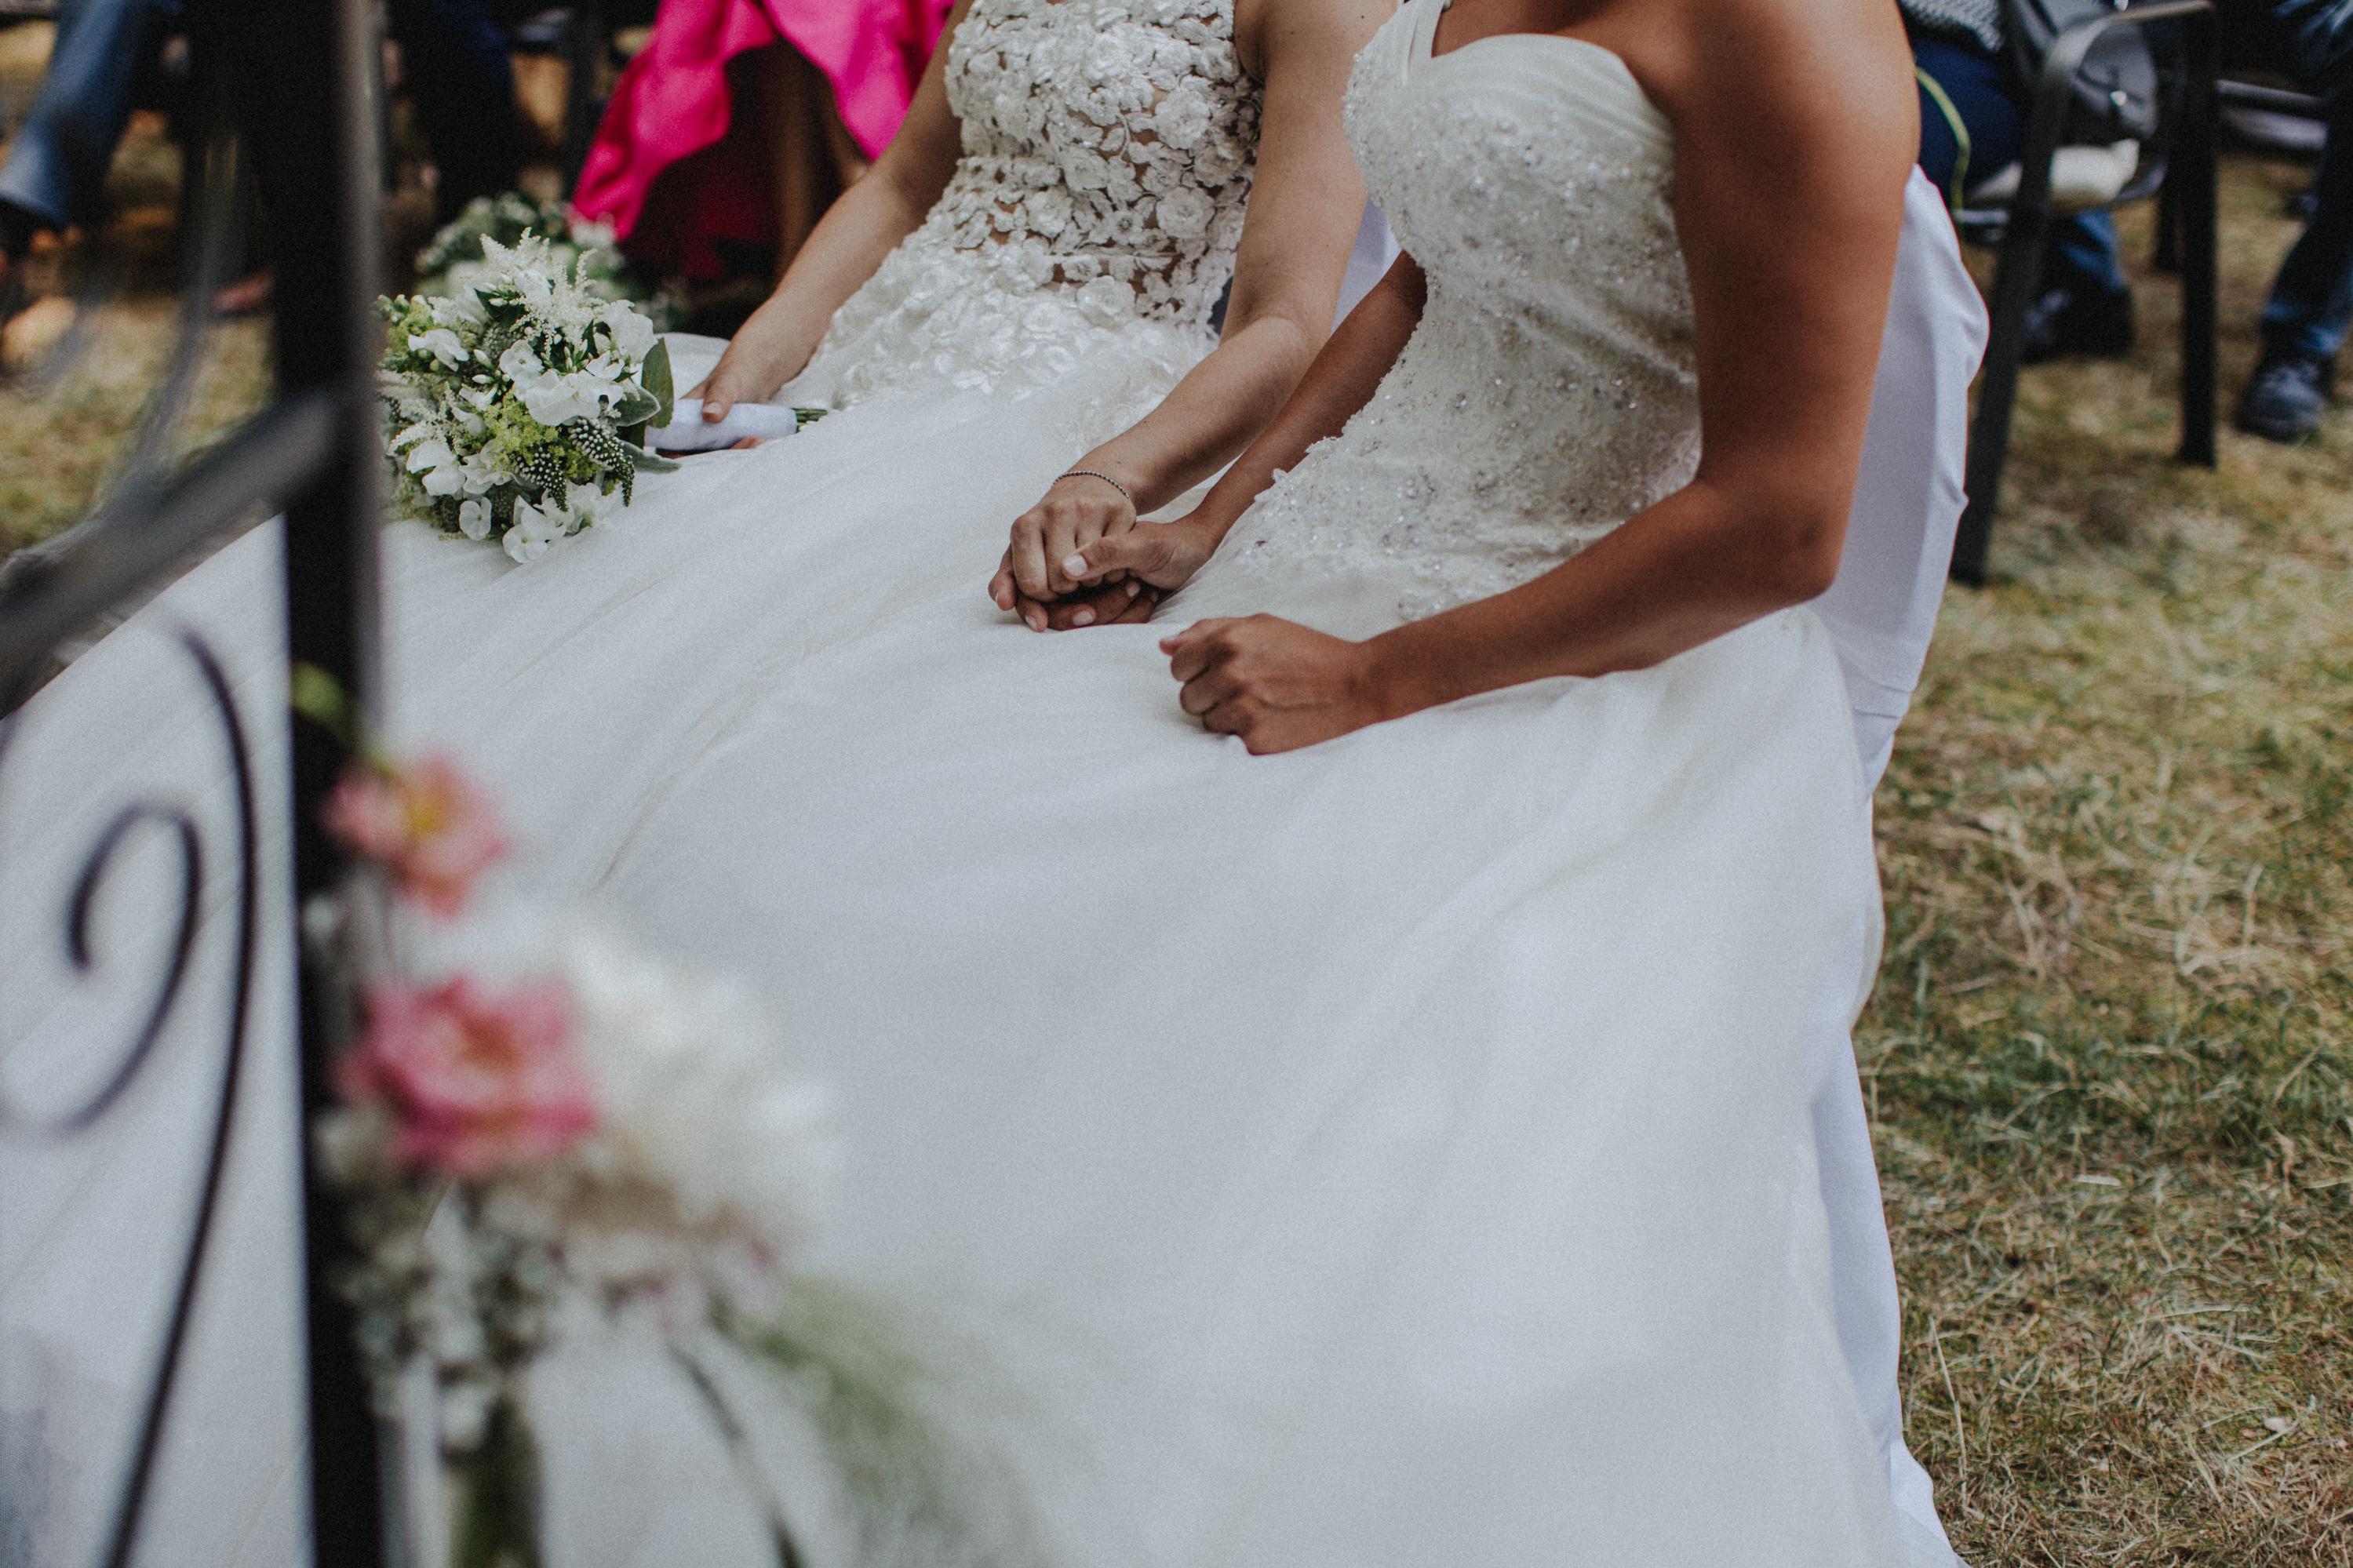 Dieses Foto ist Teil einer Hochzeitsreportage aus dem Juni 2018. Geheiratet haben zwei Frauen, die bei einer freien Trauung bei Sonnenschein getraut wurden. Fotografiert wurde diese Hochzeitsreportage von den Hochzeitsfotografen Tom und Lia aus Potsdam.